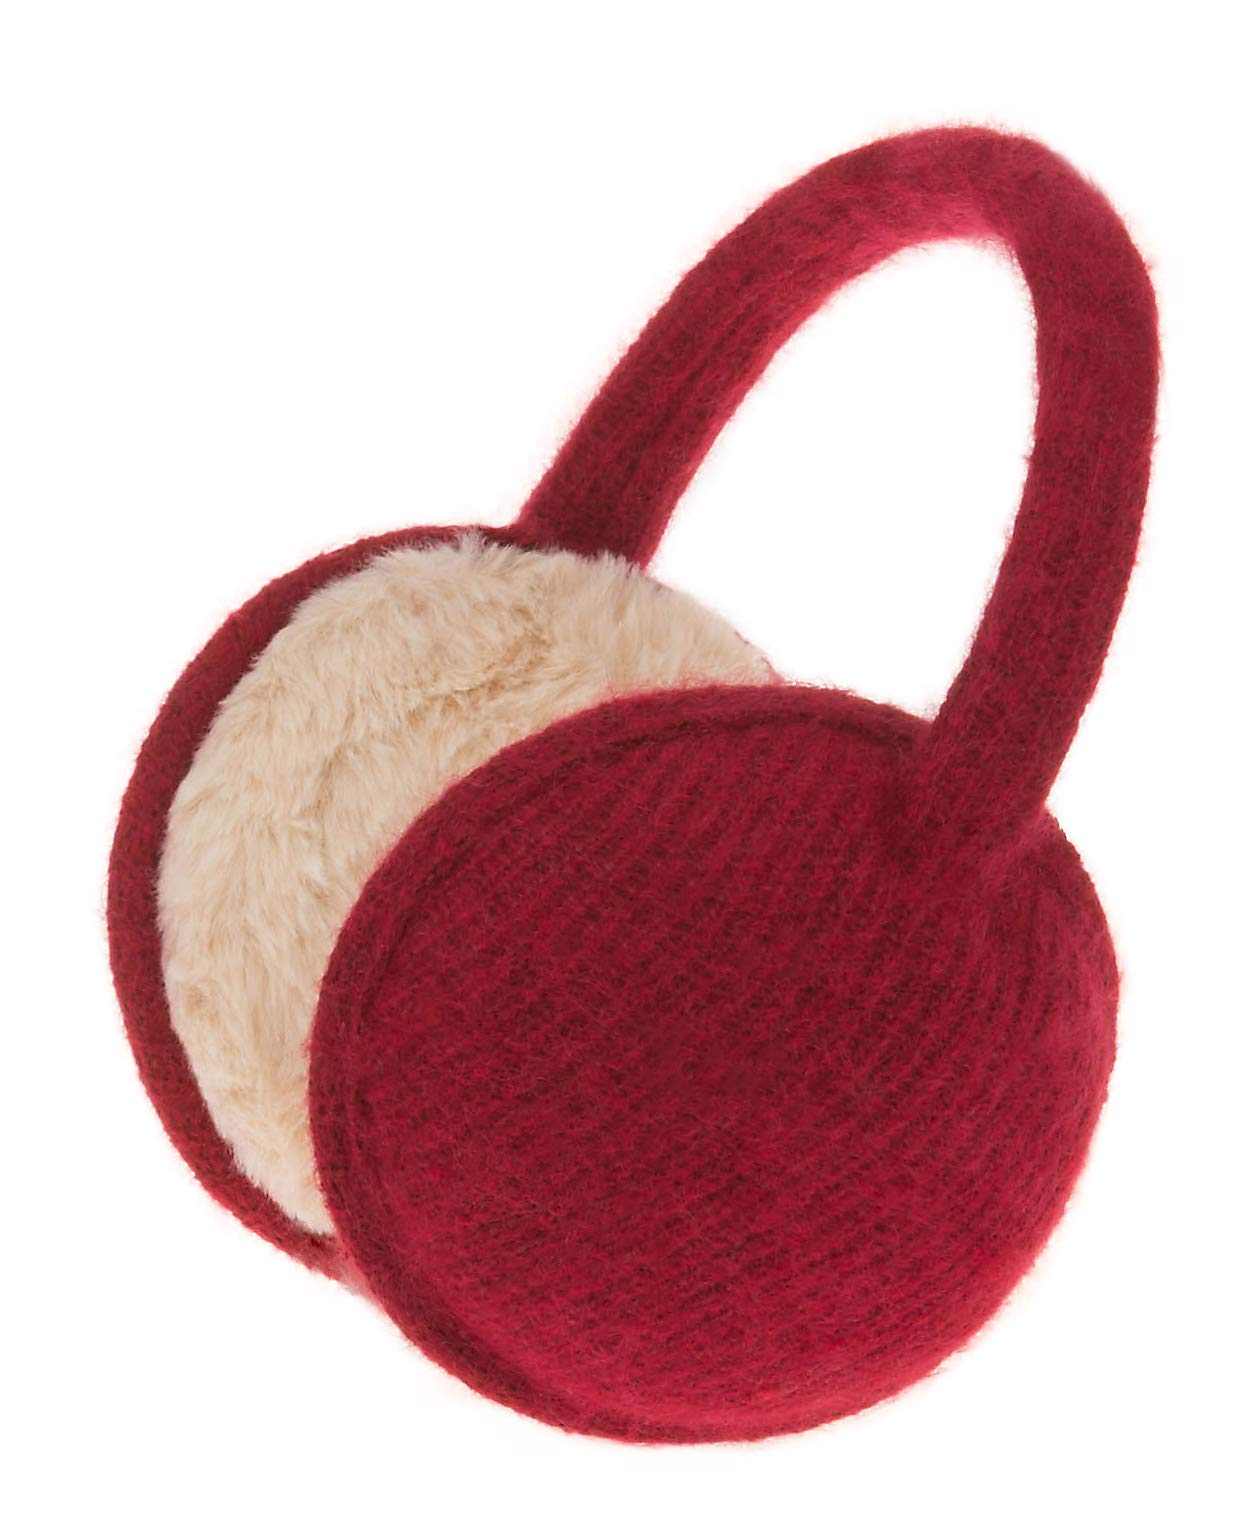 Knolee Unisex Classic Fleece Earmuffs Foldable Ear Muffs Winter Accessory Outdoor EarMuffs (One size, Wine red B)